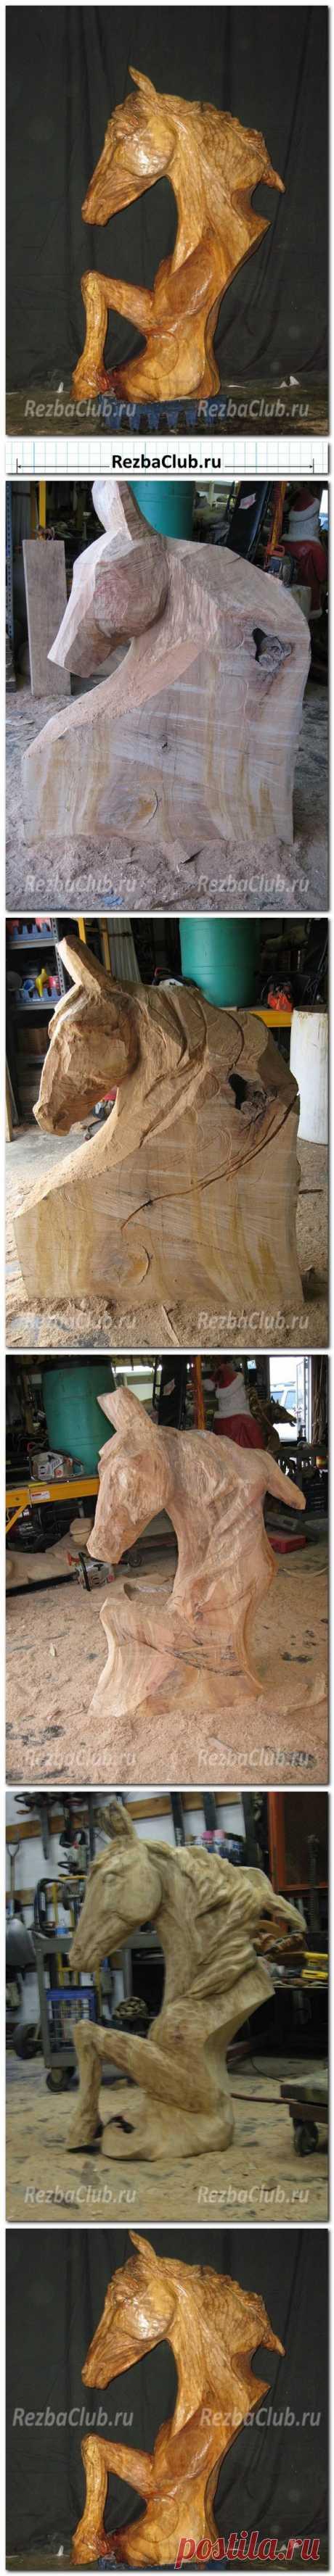 #377 Голова лошади — скульптура бензопилой | Резьба Клуб